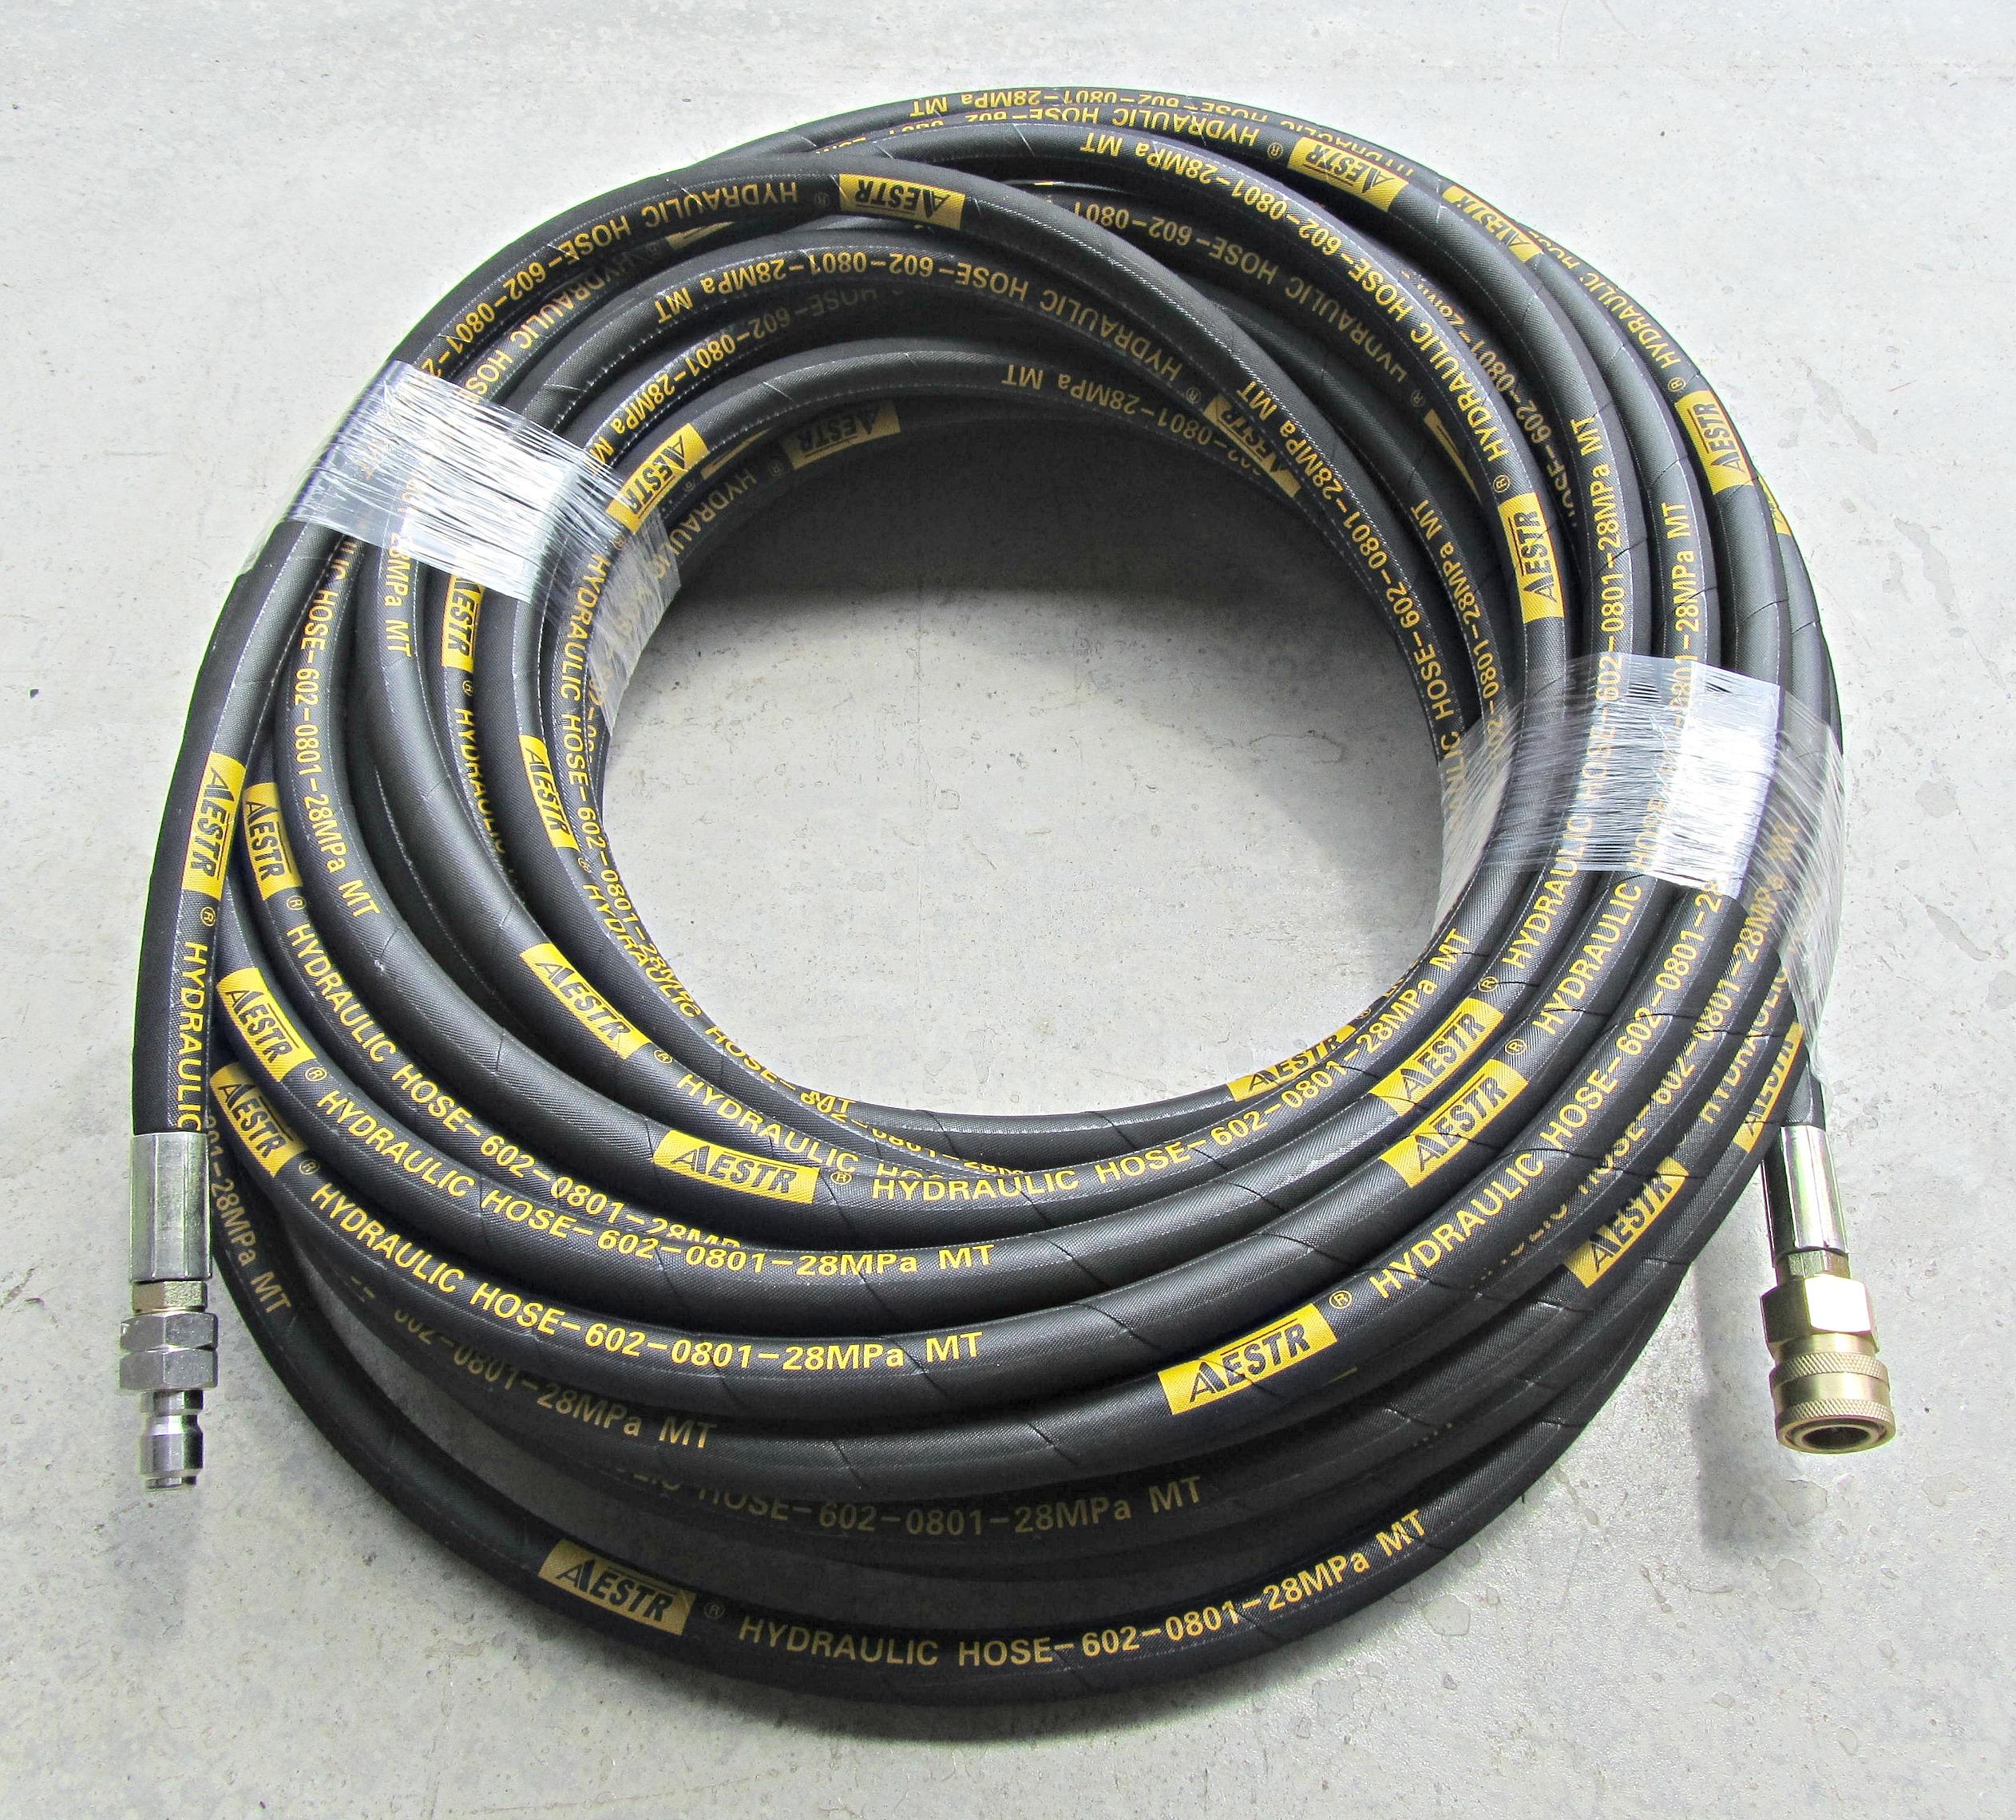 High Pressure Hose : Metre aestr single steel braided high pressure hose